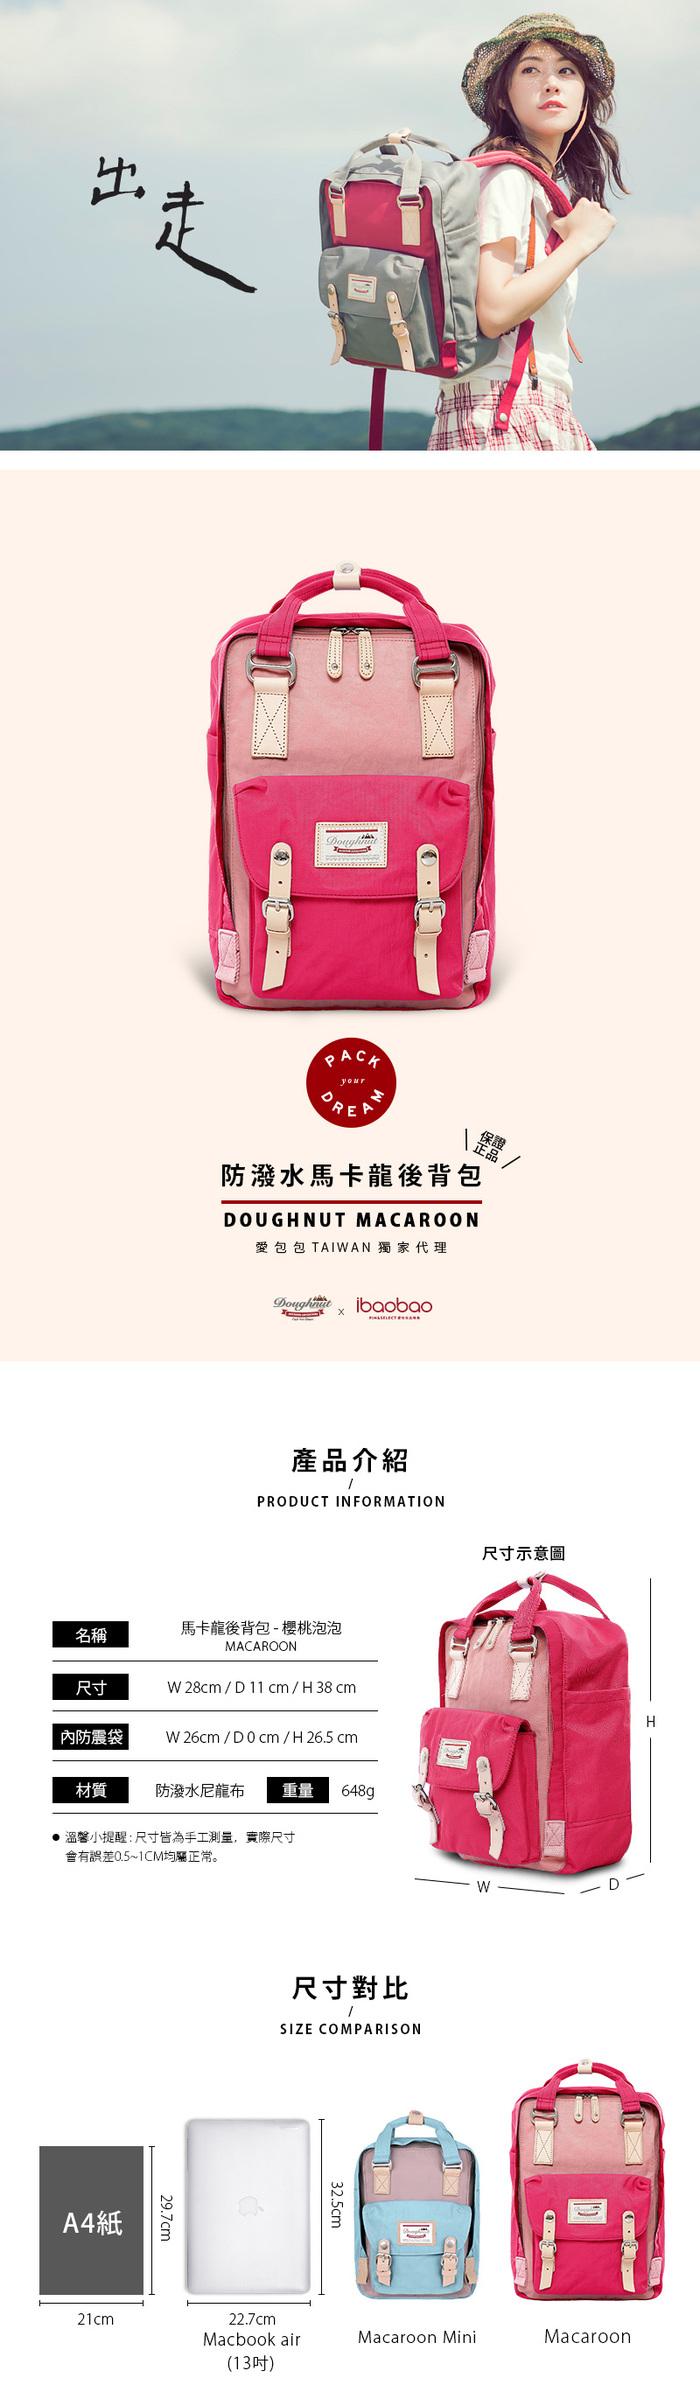 (複製)IBAOBAO愛包包|Doughnut 防潑水馬卡龍後背包-玫瑰